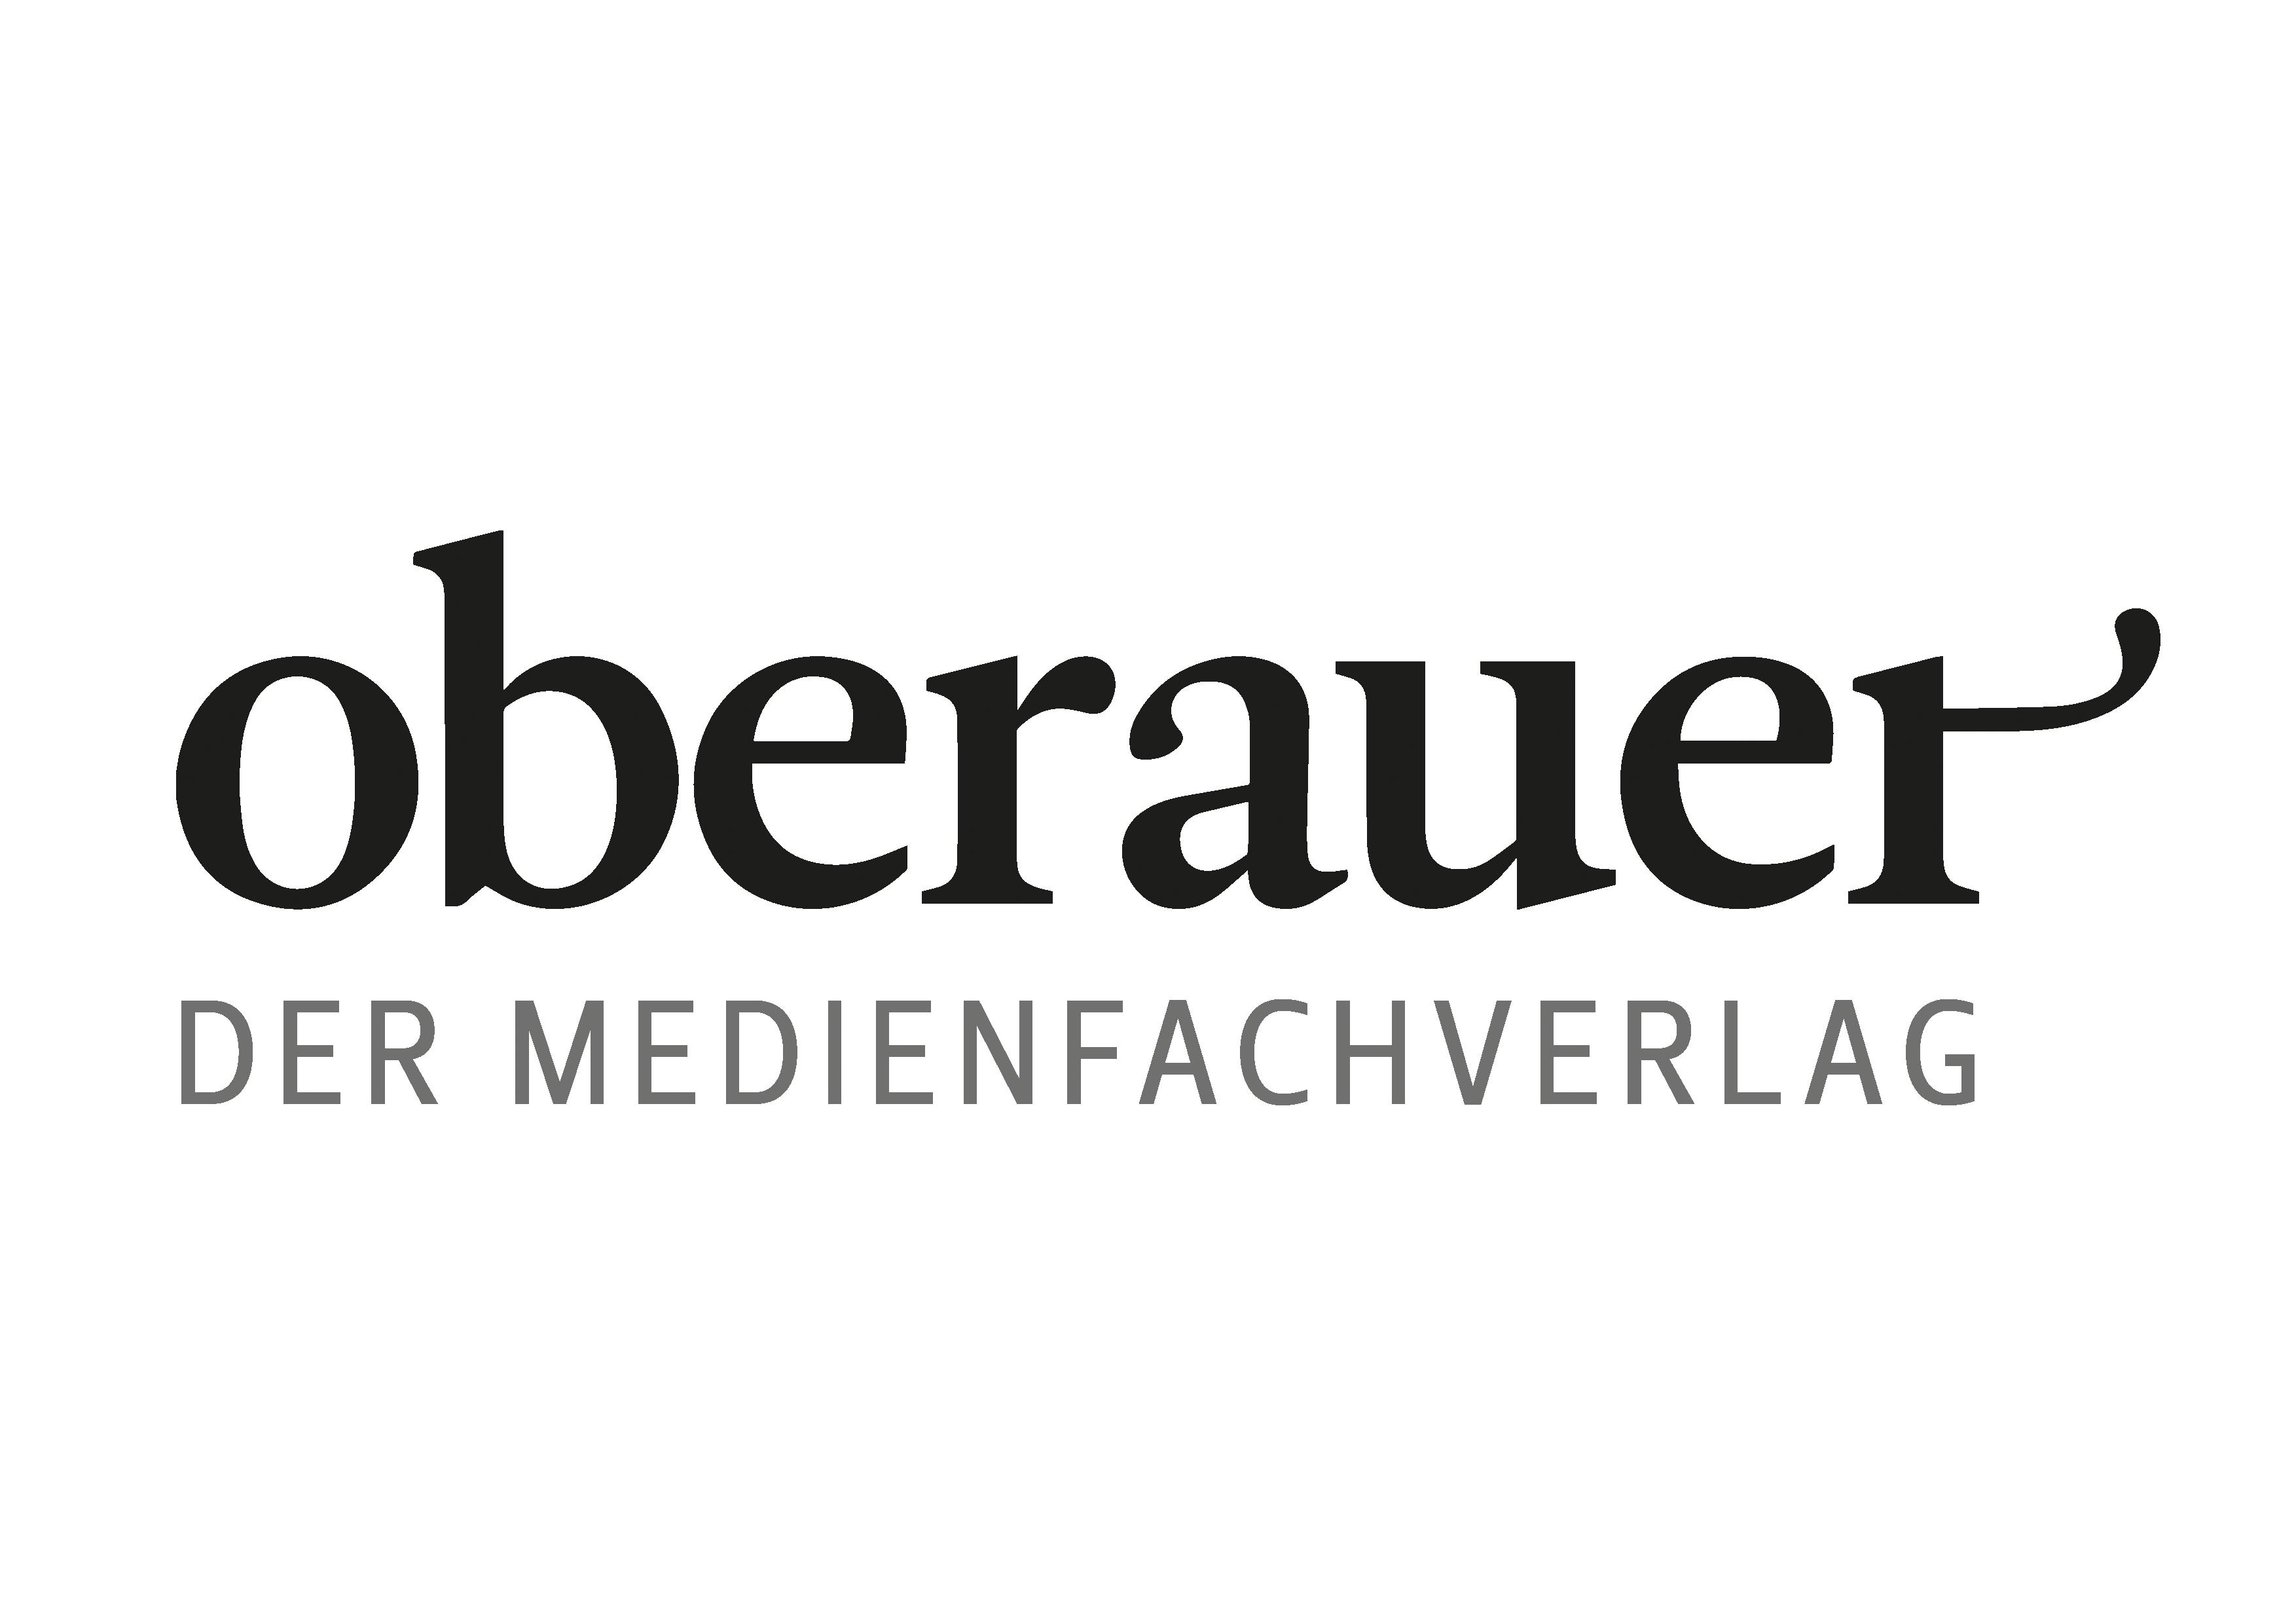 Medienfachverlag Oberauer